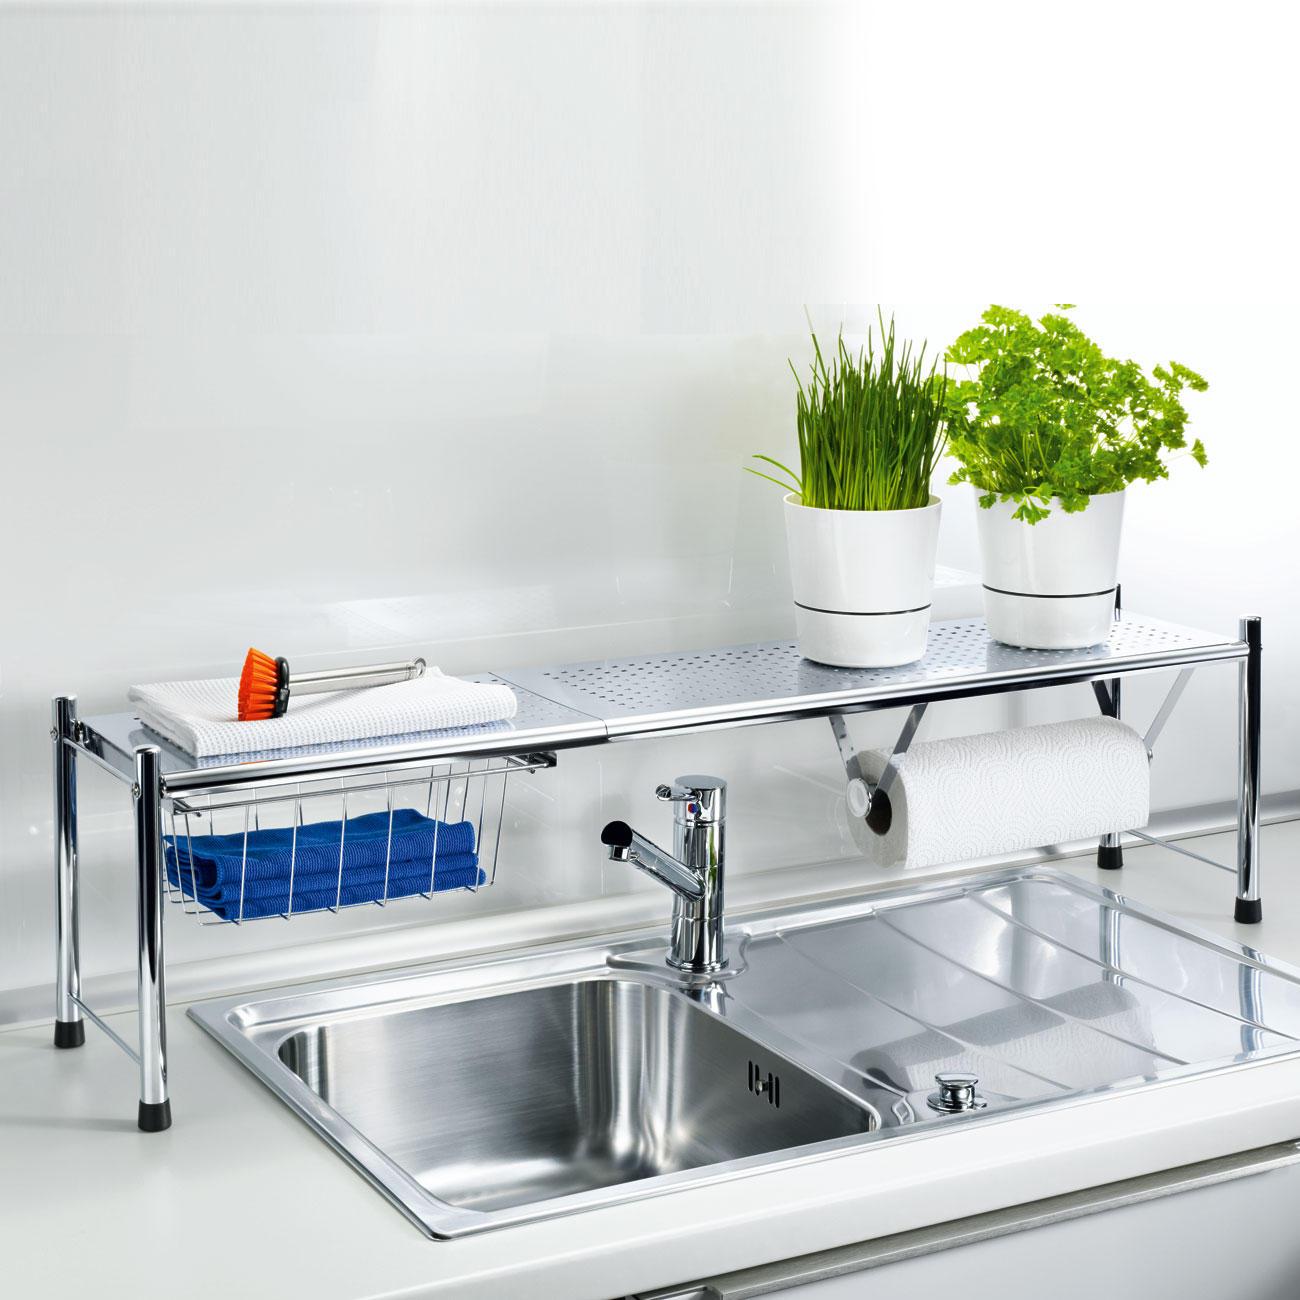 Ikea Kitchen Sink Organiser